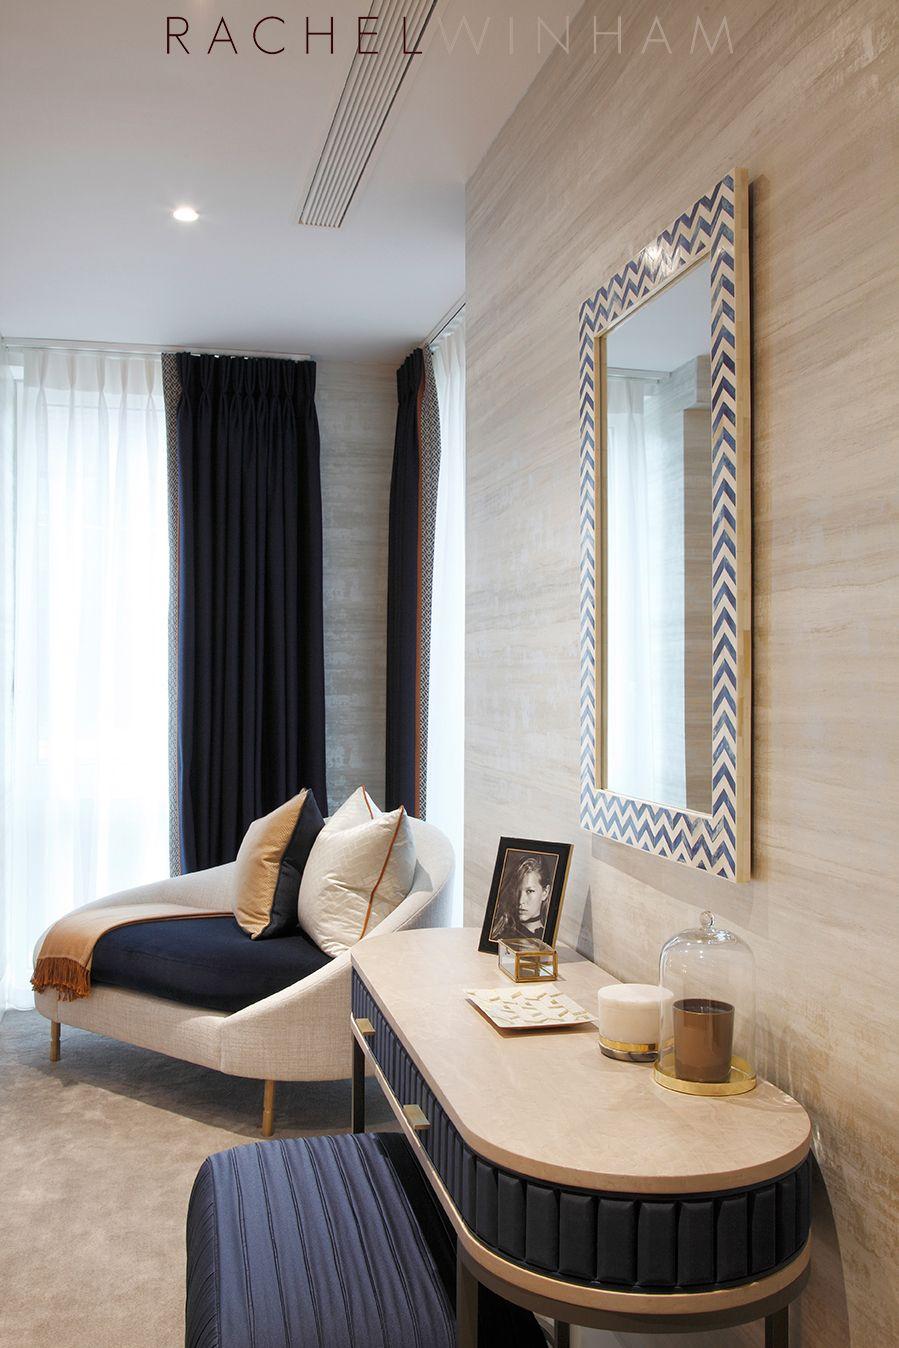 Master Bedroom  Rachel Winham Interior Design  Luxury furniture